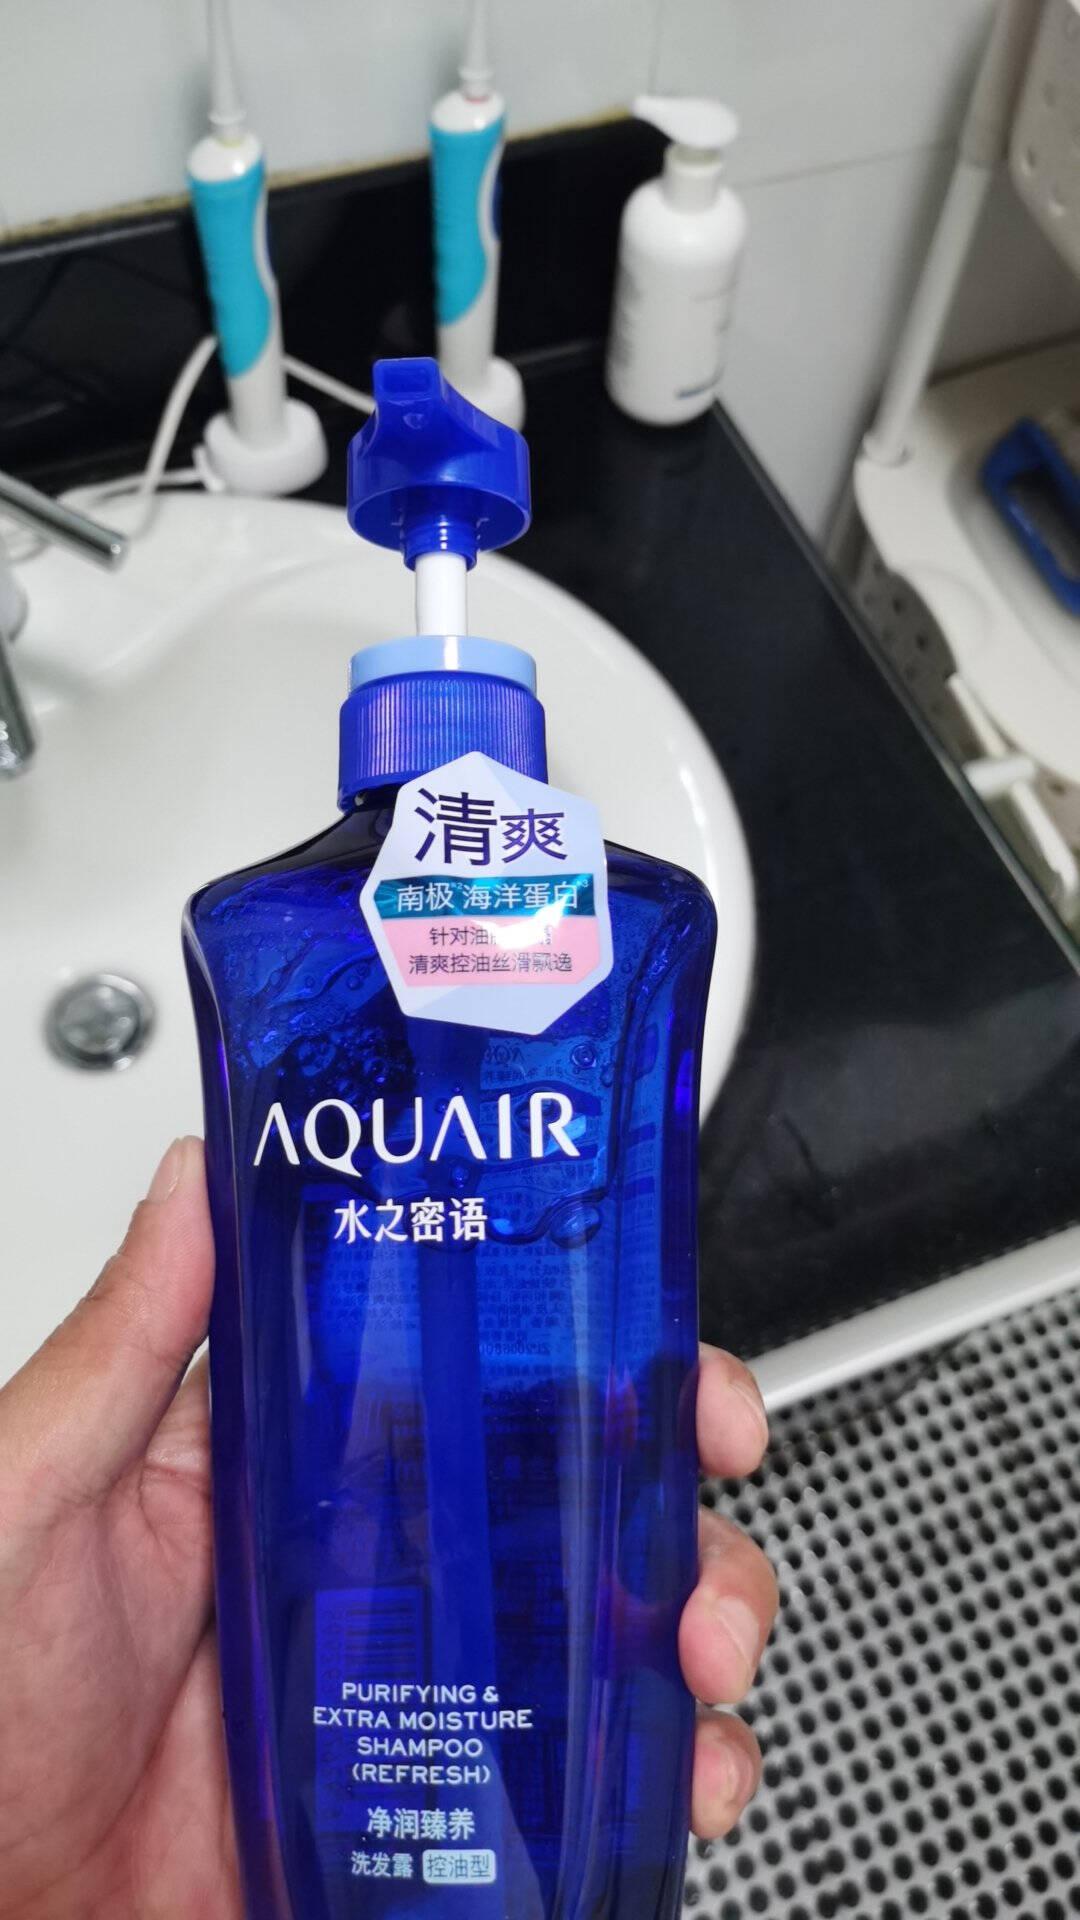 水之密语净润臻养(倍润型)洗发露套装(洗发水600ml*2)水润柔顺强韧修护男女士通用